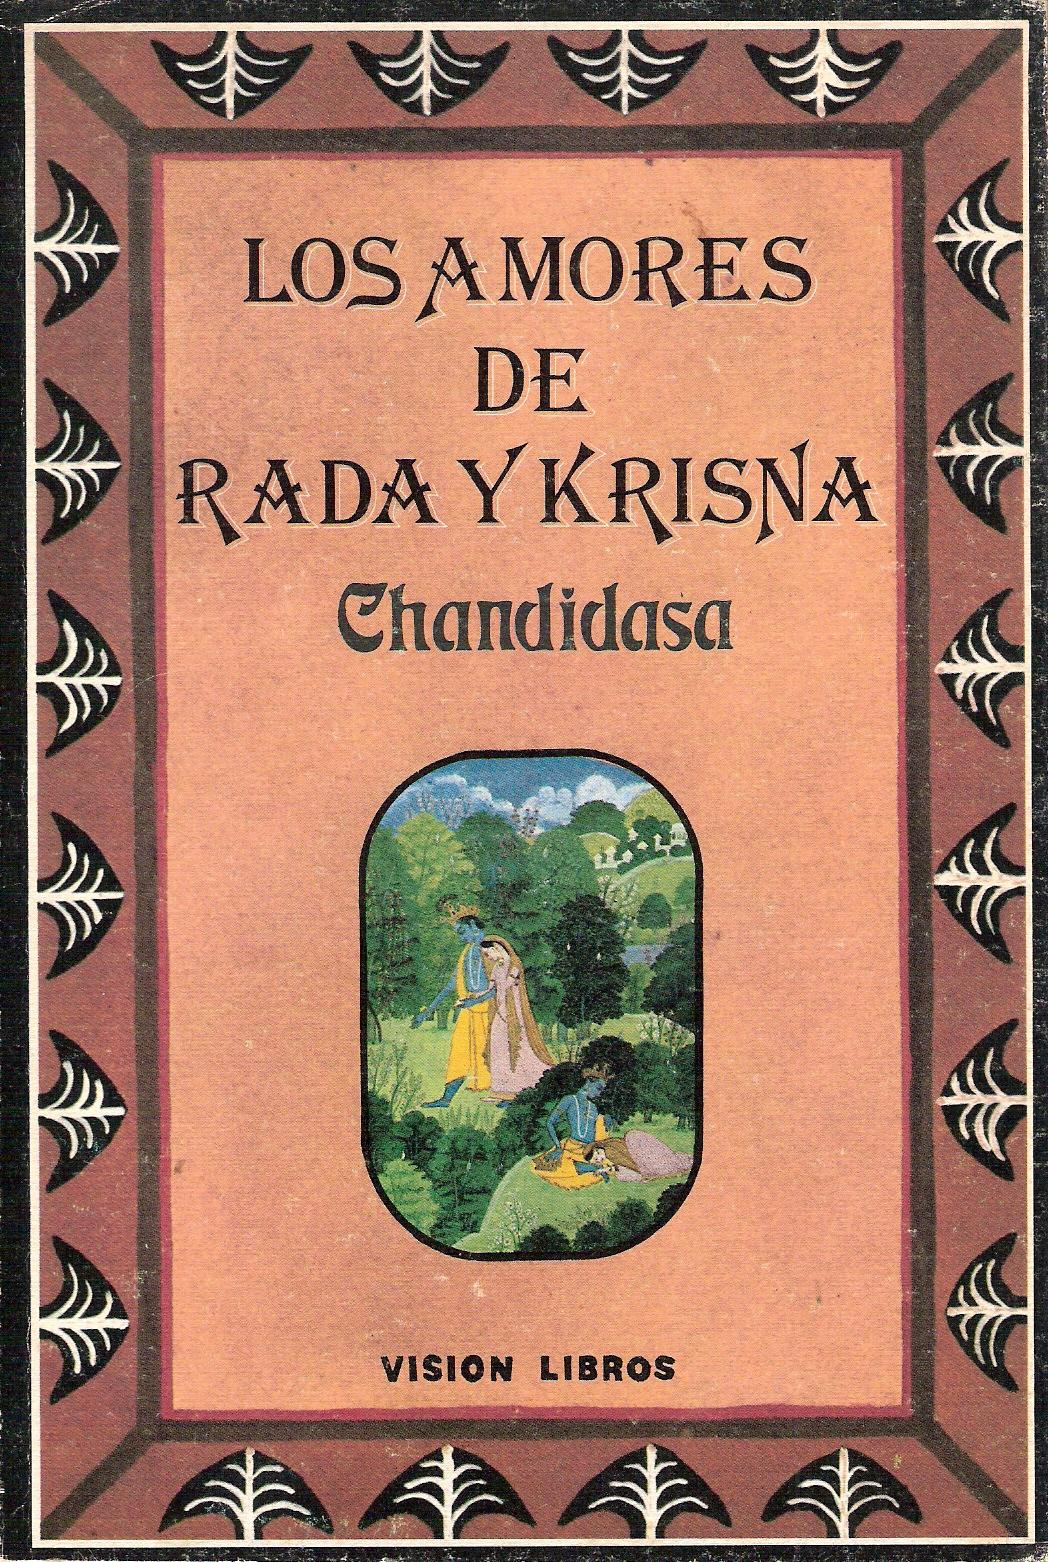 Los amores de Rada y Krisna